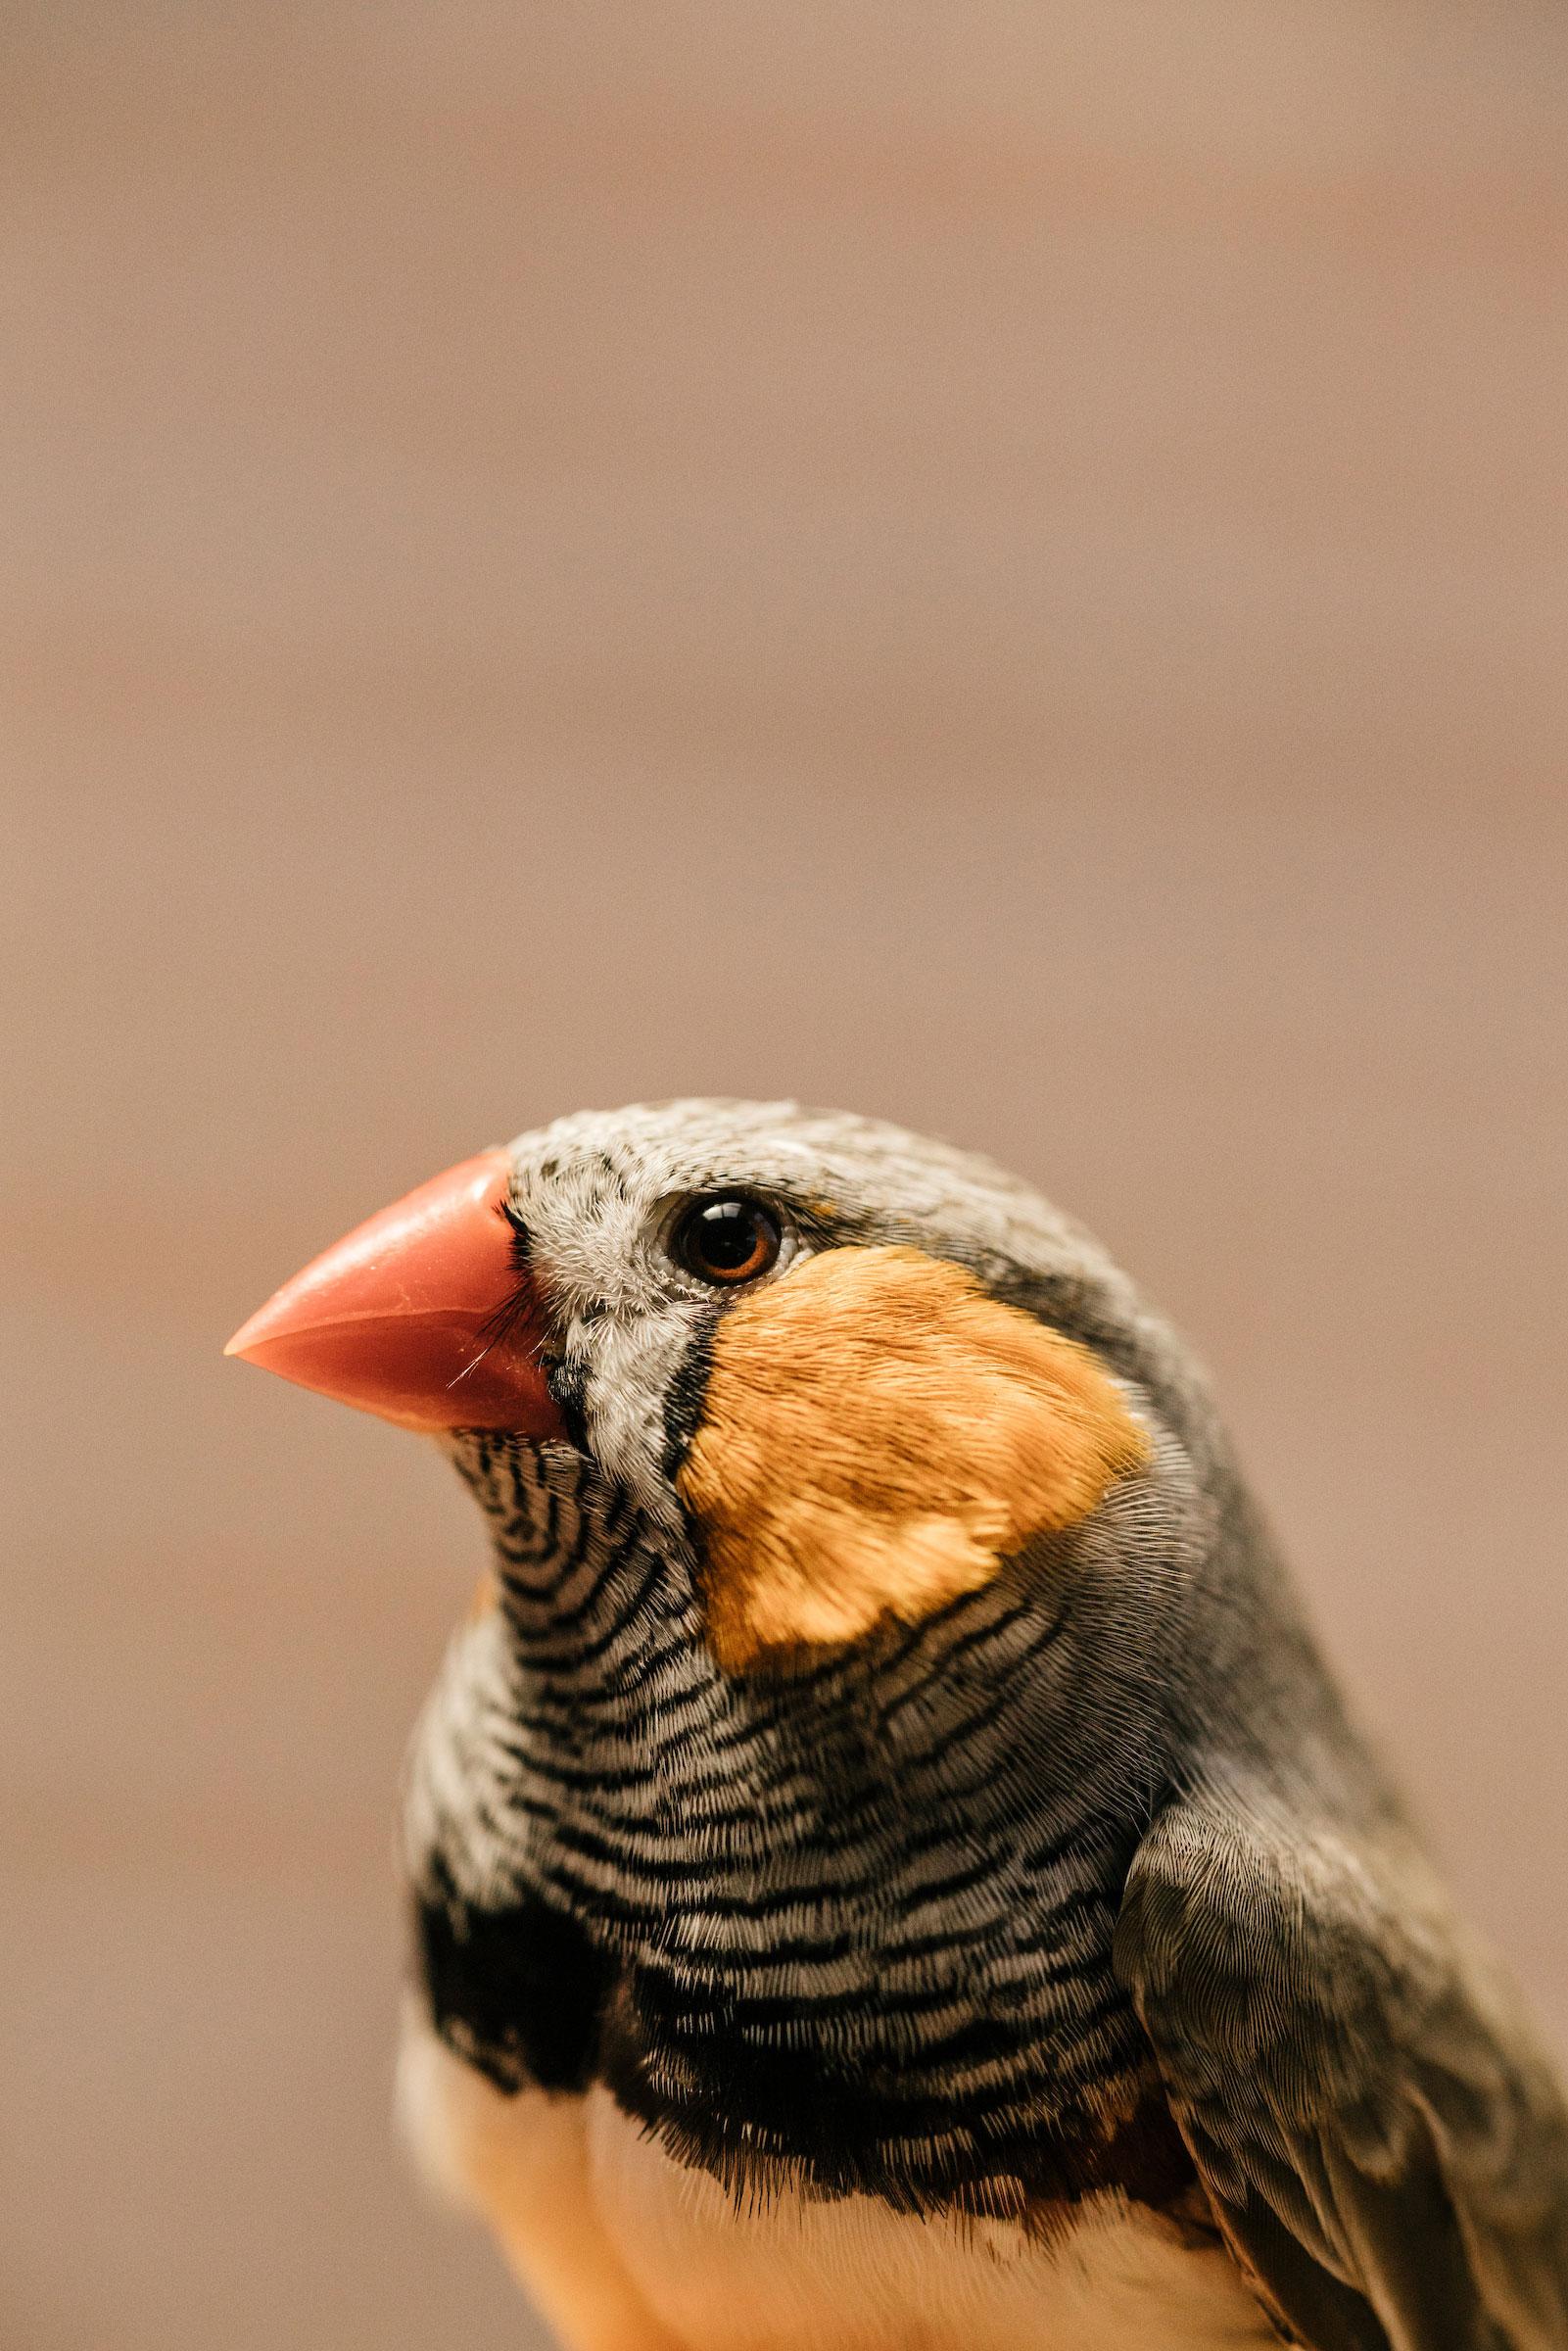 Al darles dosis de mercurio a pinzones cebra, como este macho, se demostró el modo en que la toxina afectaría a las aves en el entorno silvestre.